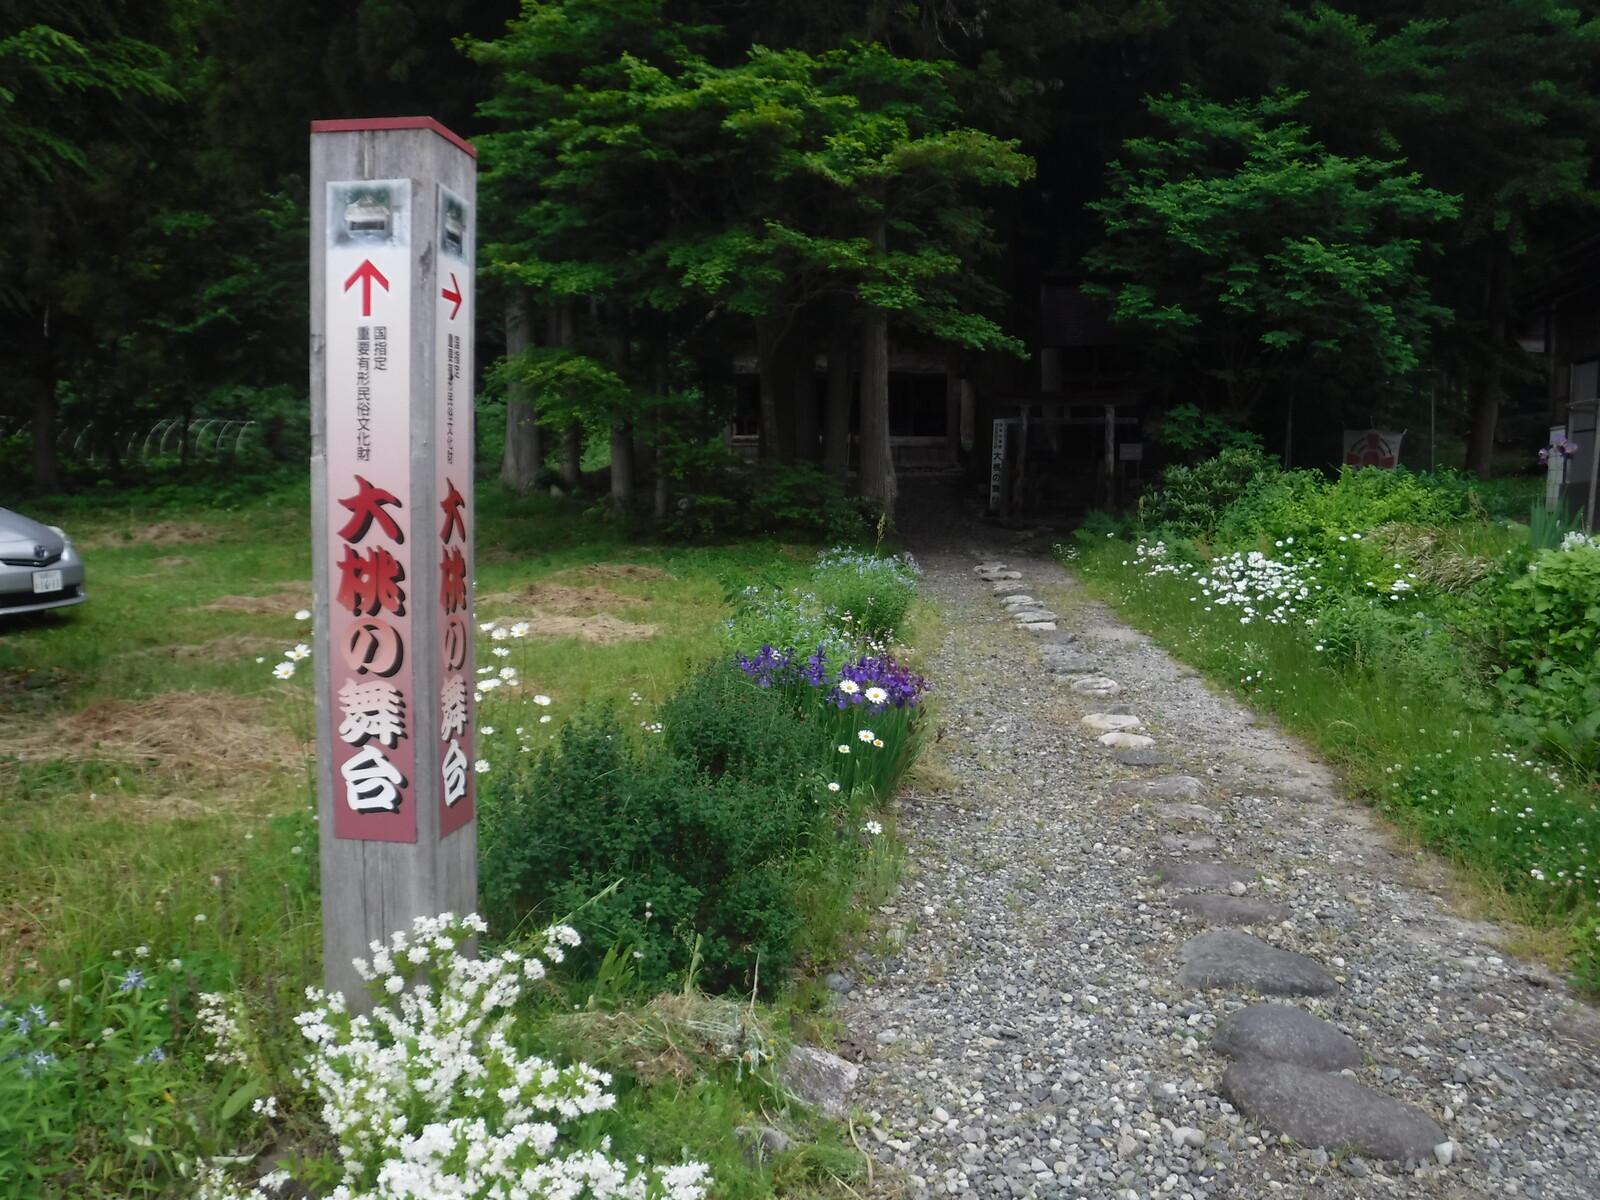 大桃の舞台」を地域おこしに「大桃夢舞台 」開催 : toyotaboxyのblog